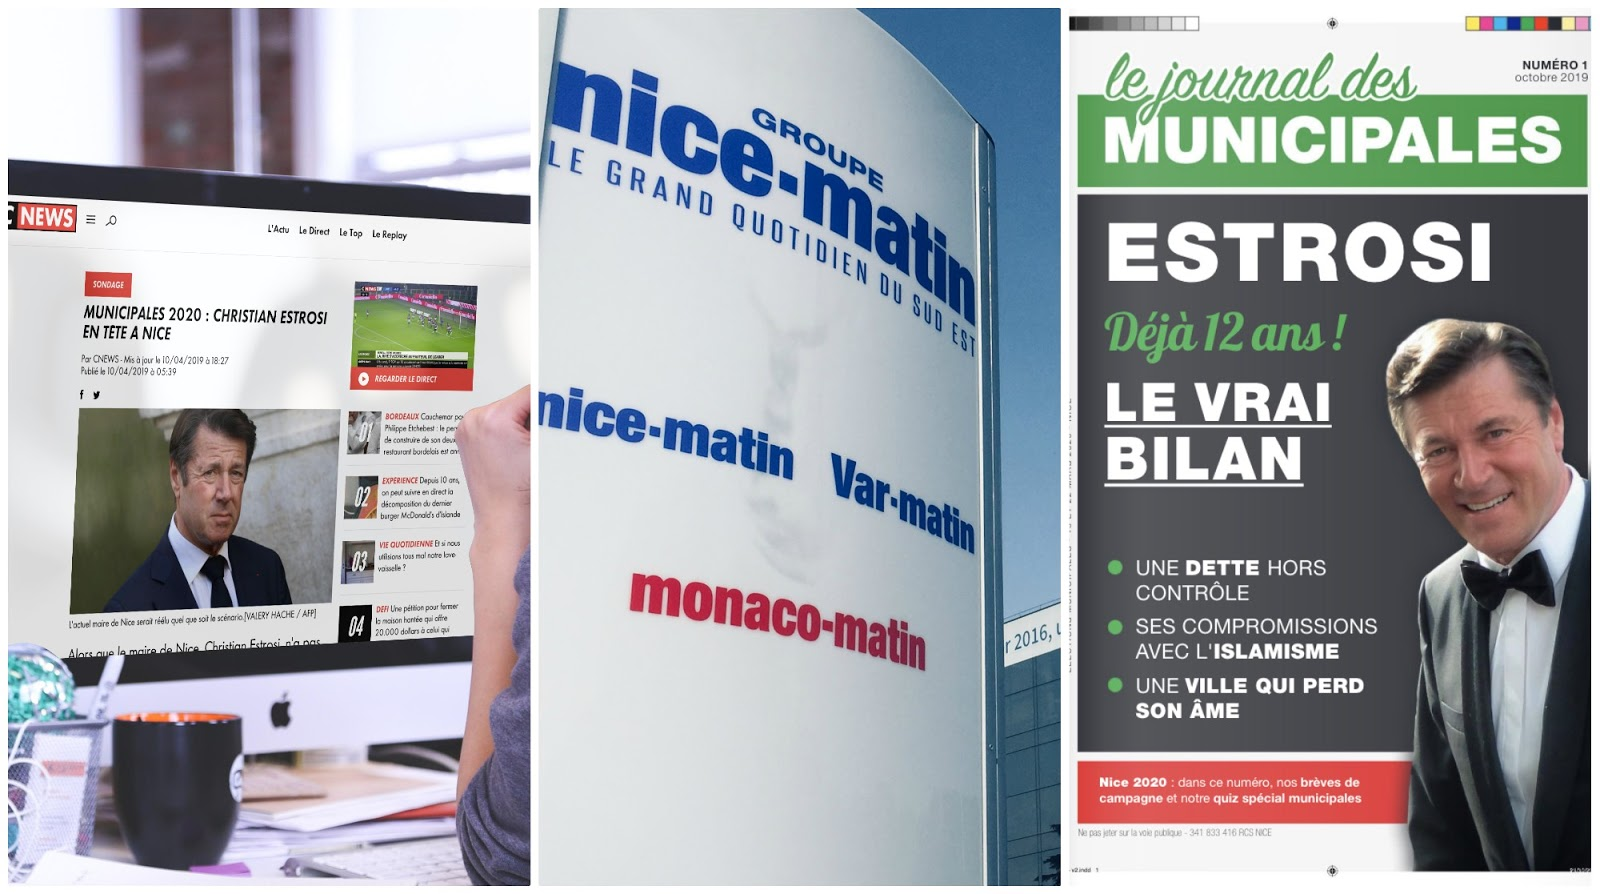 Manipulations de la presse: danger sur l'élection à Nice